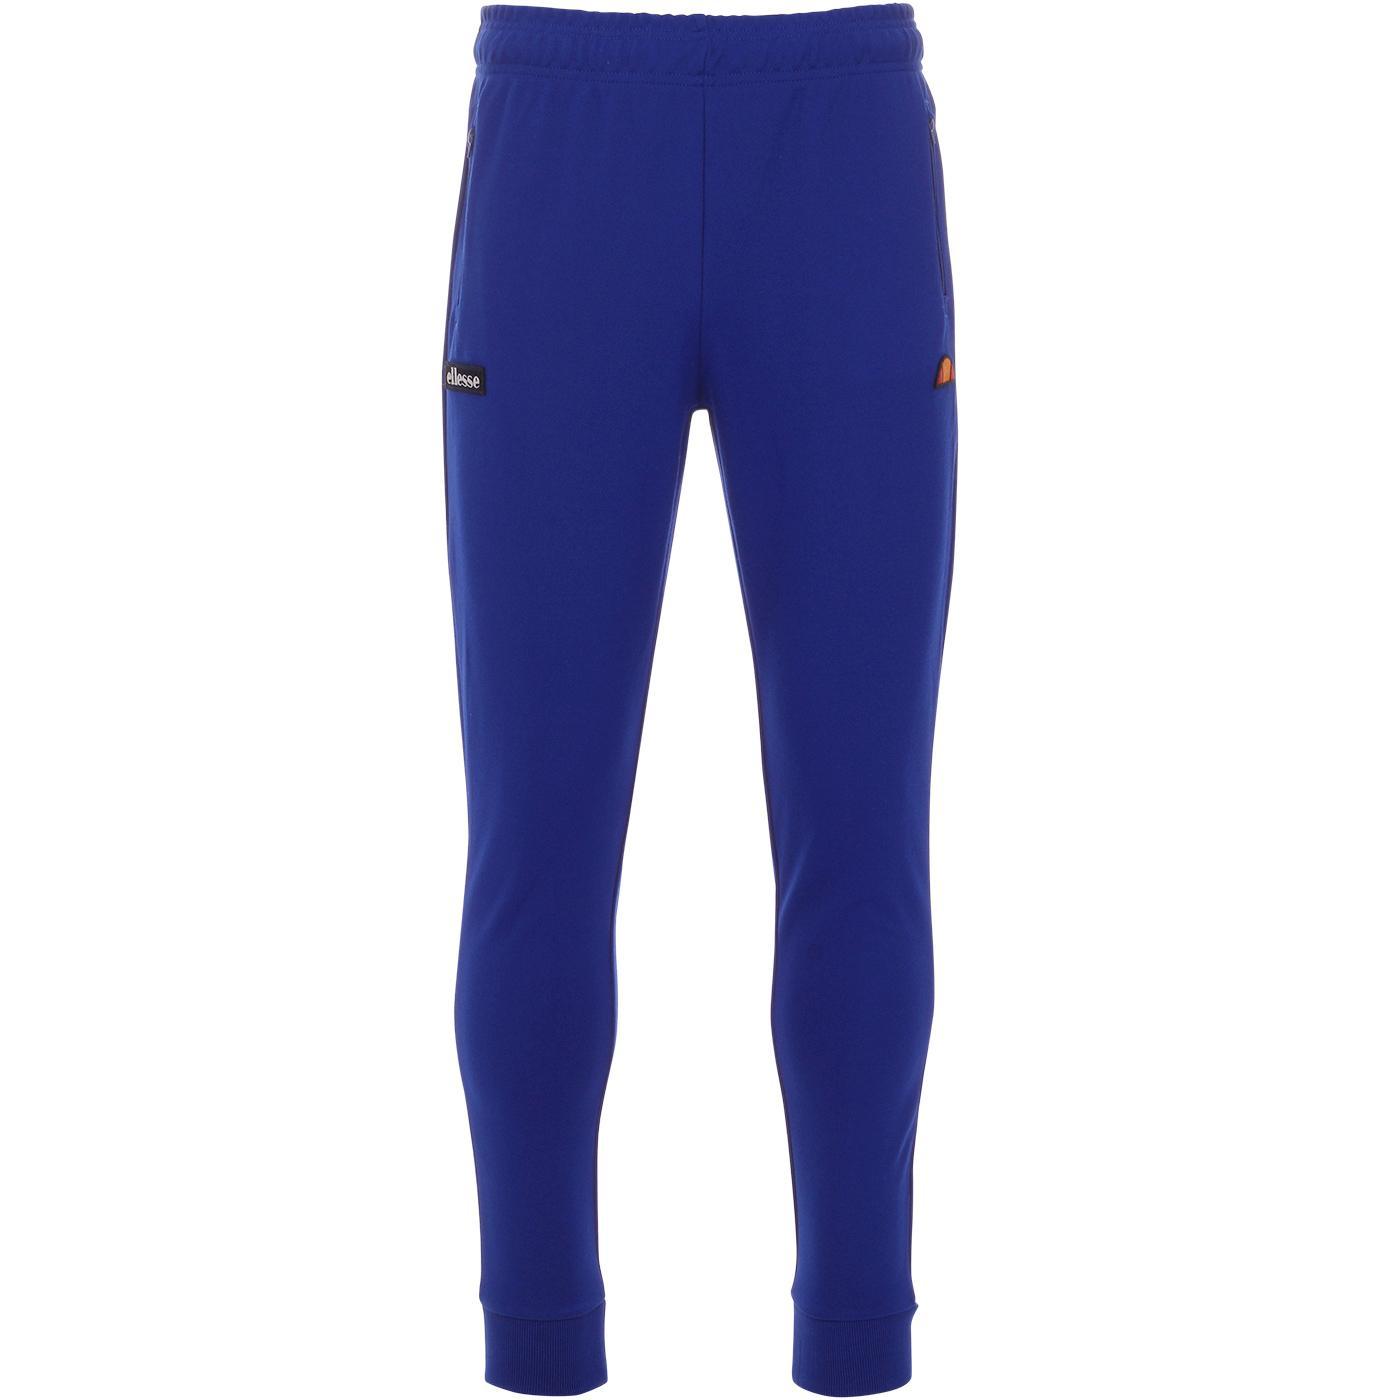 Bertoni ELLESSE Mens Retro Jogger Track Pants BLUE